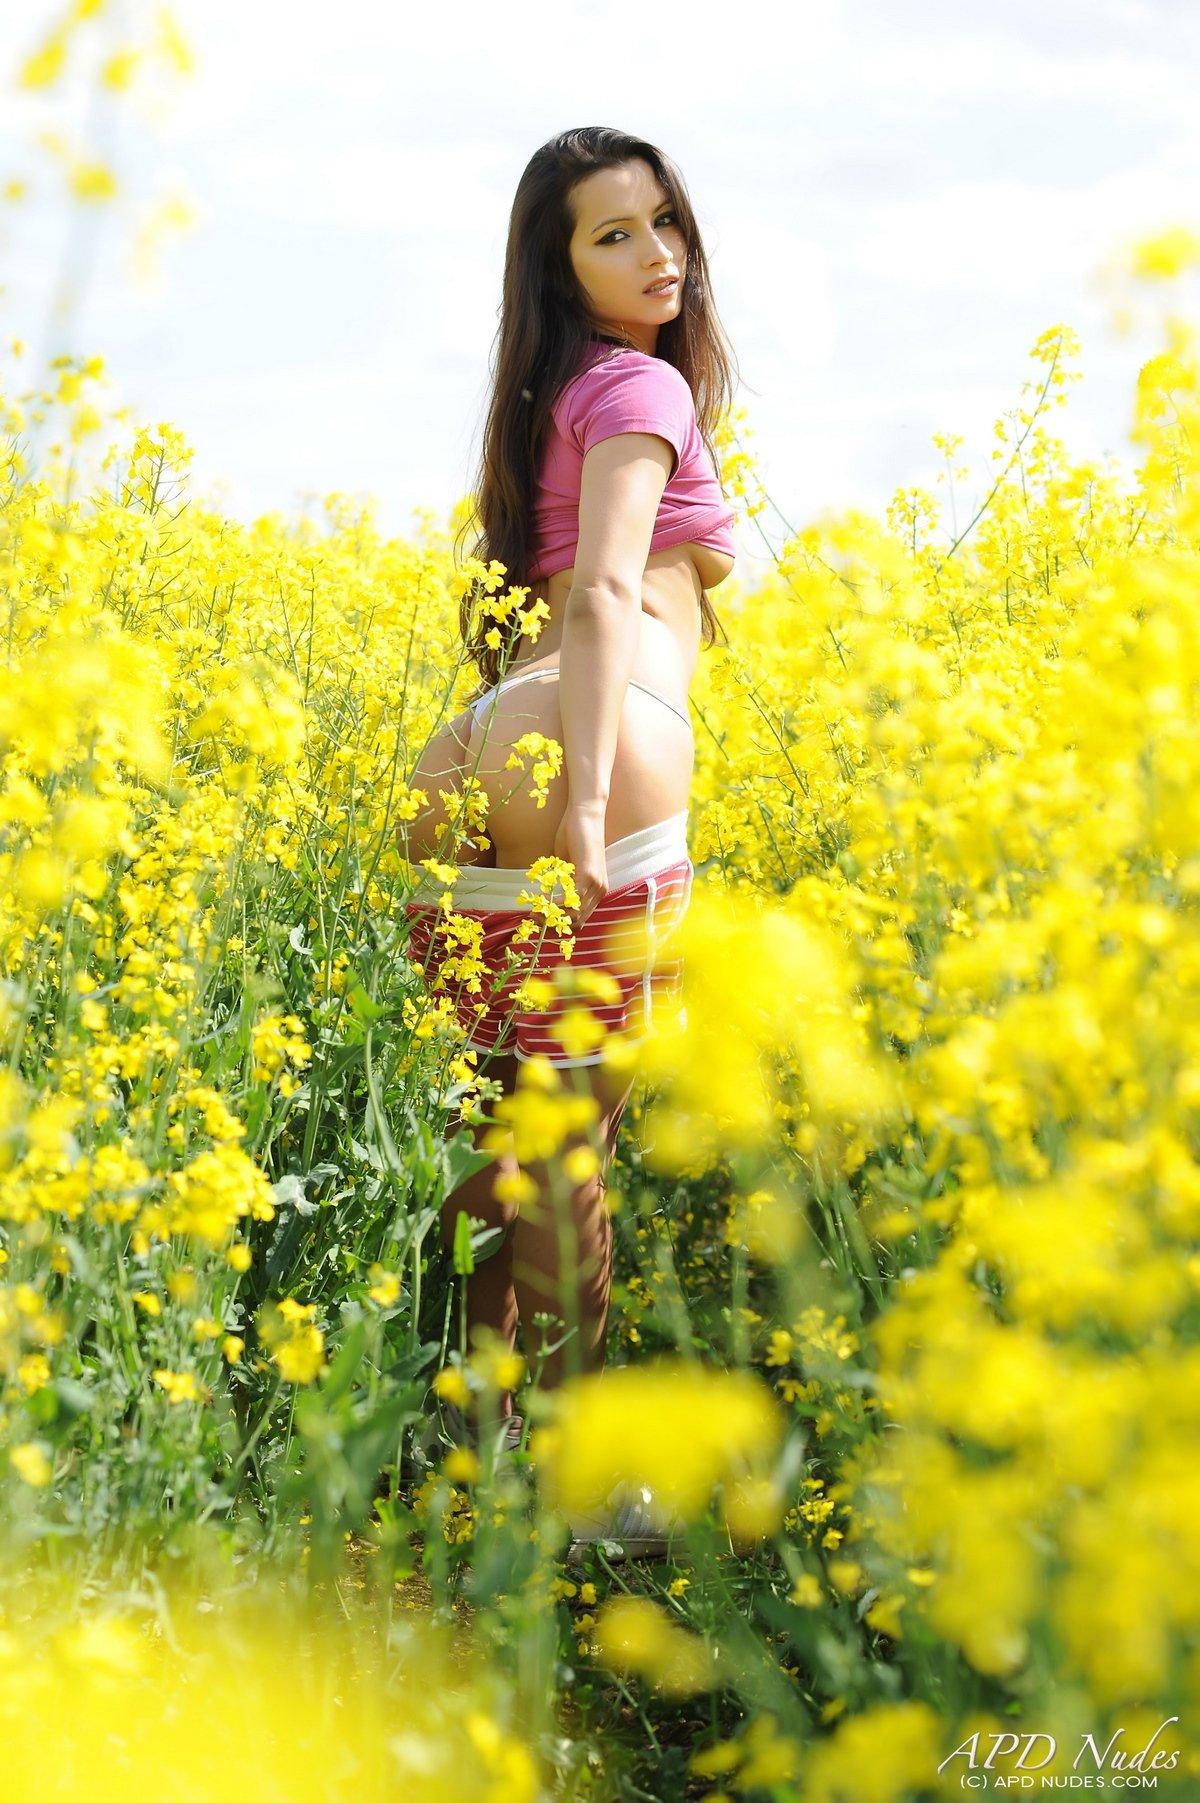 Нагая брюнетка среди желтых полевых цветов